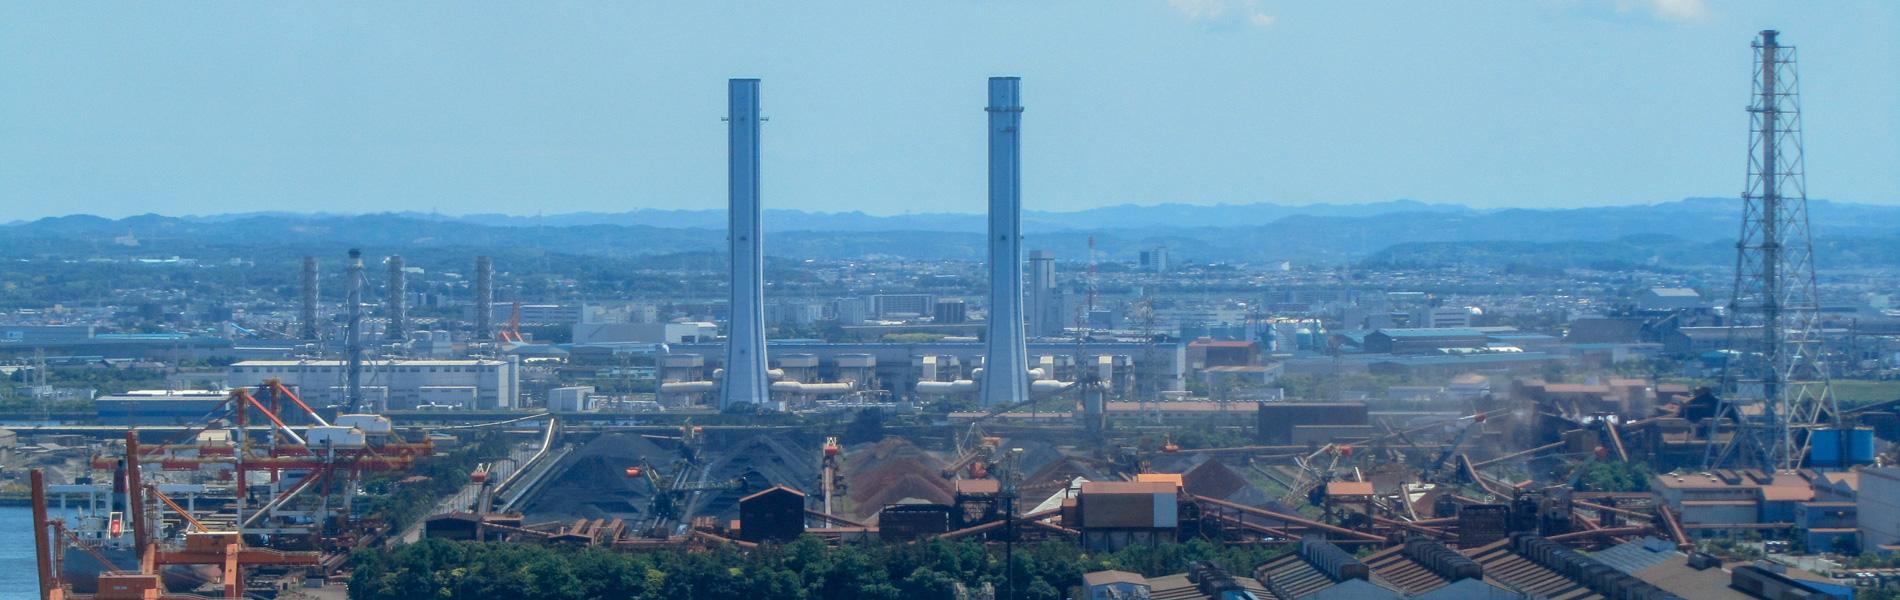 東京湾に石炭 東京湾が巨大な汚染源に